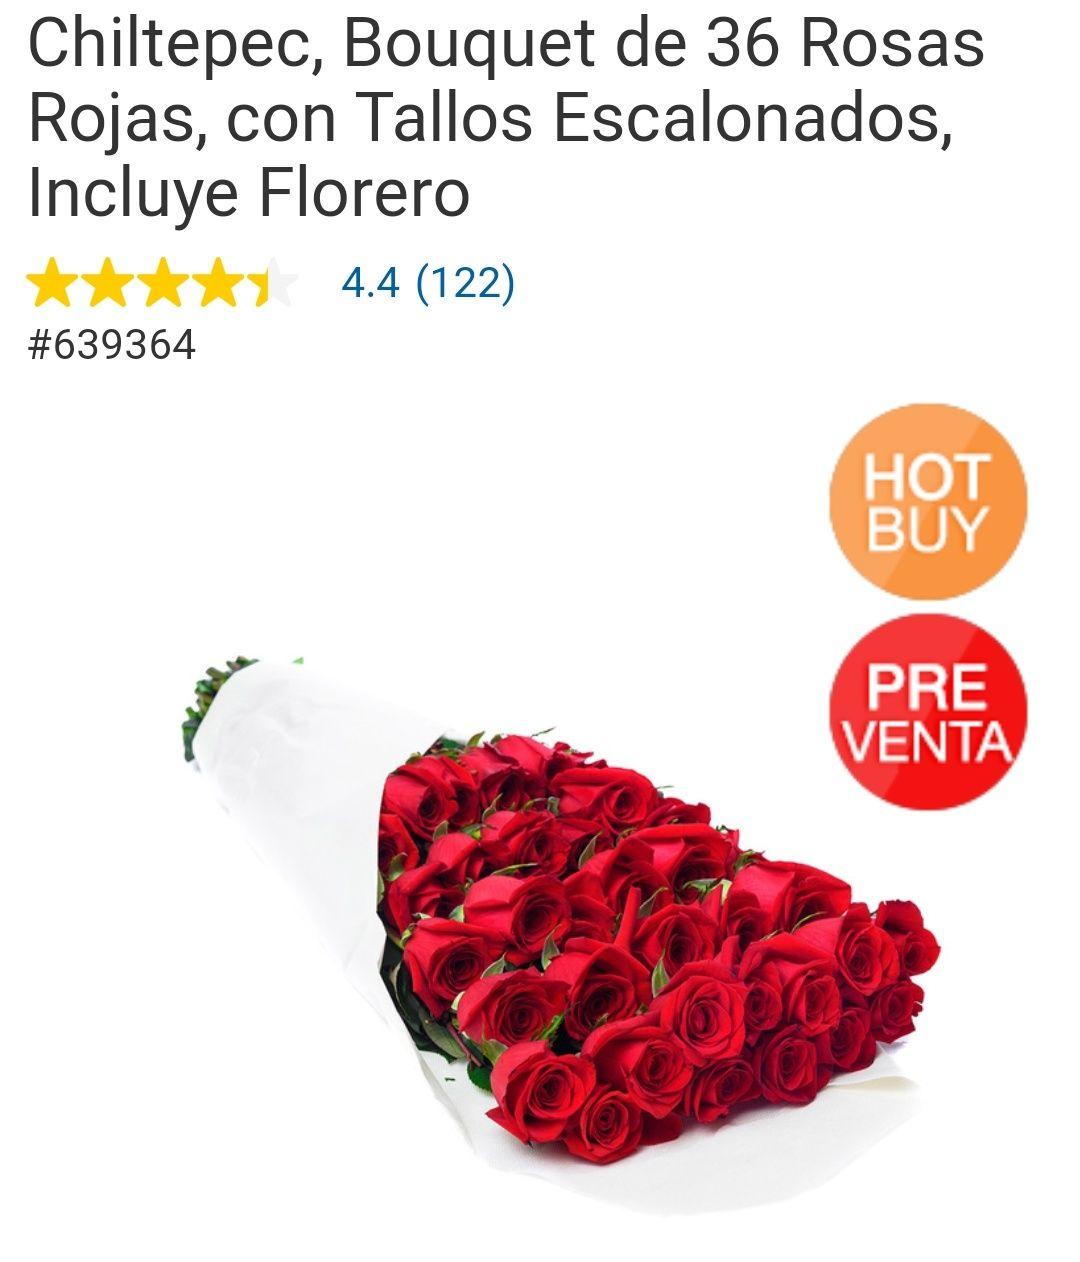 Costco: Bouquet de 36 Rosas Rojas, con Tallos Escalonados, Incluye Florero